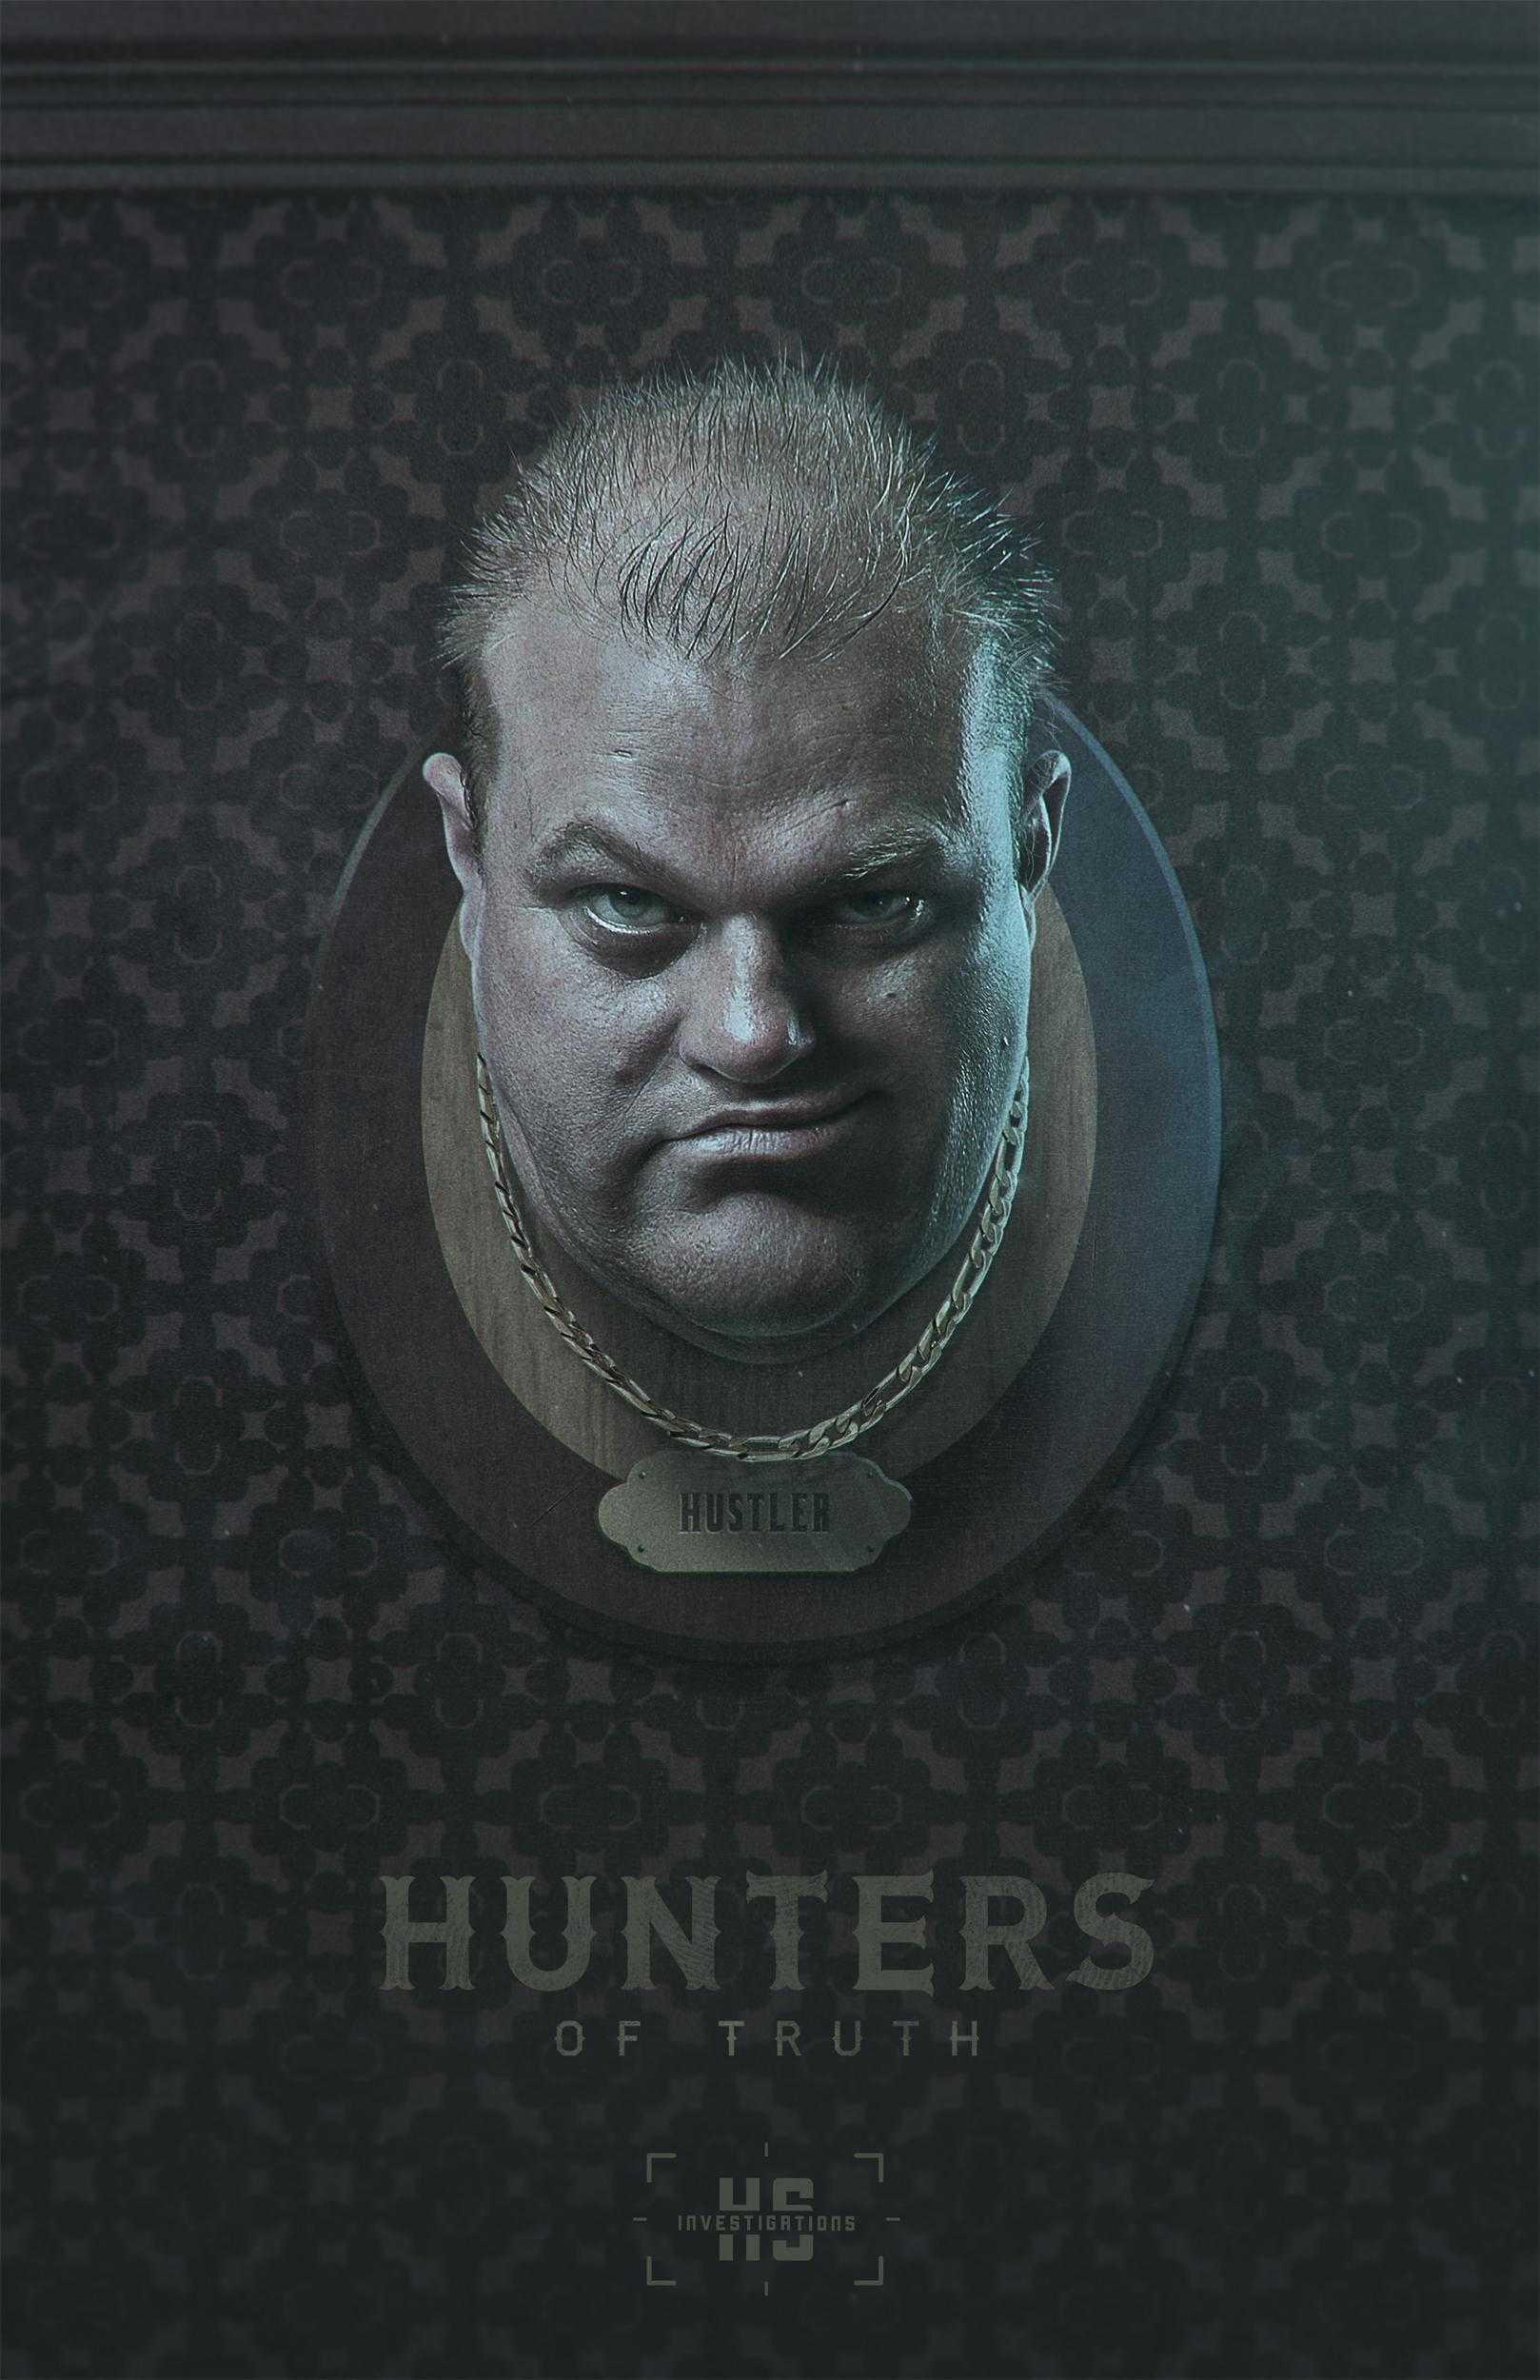 Hunters of Truth - Hustler